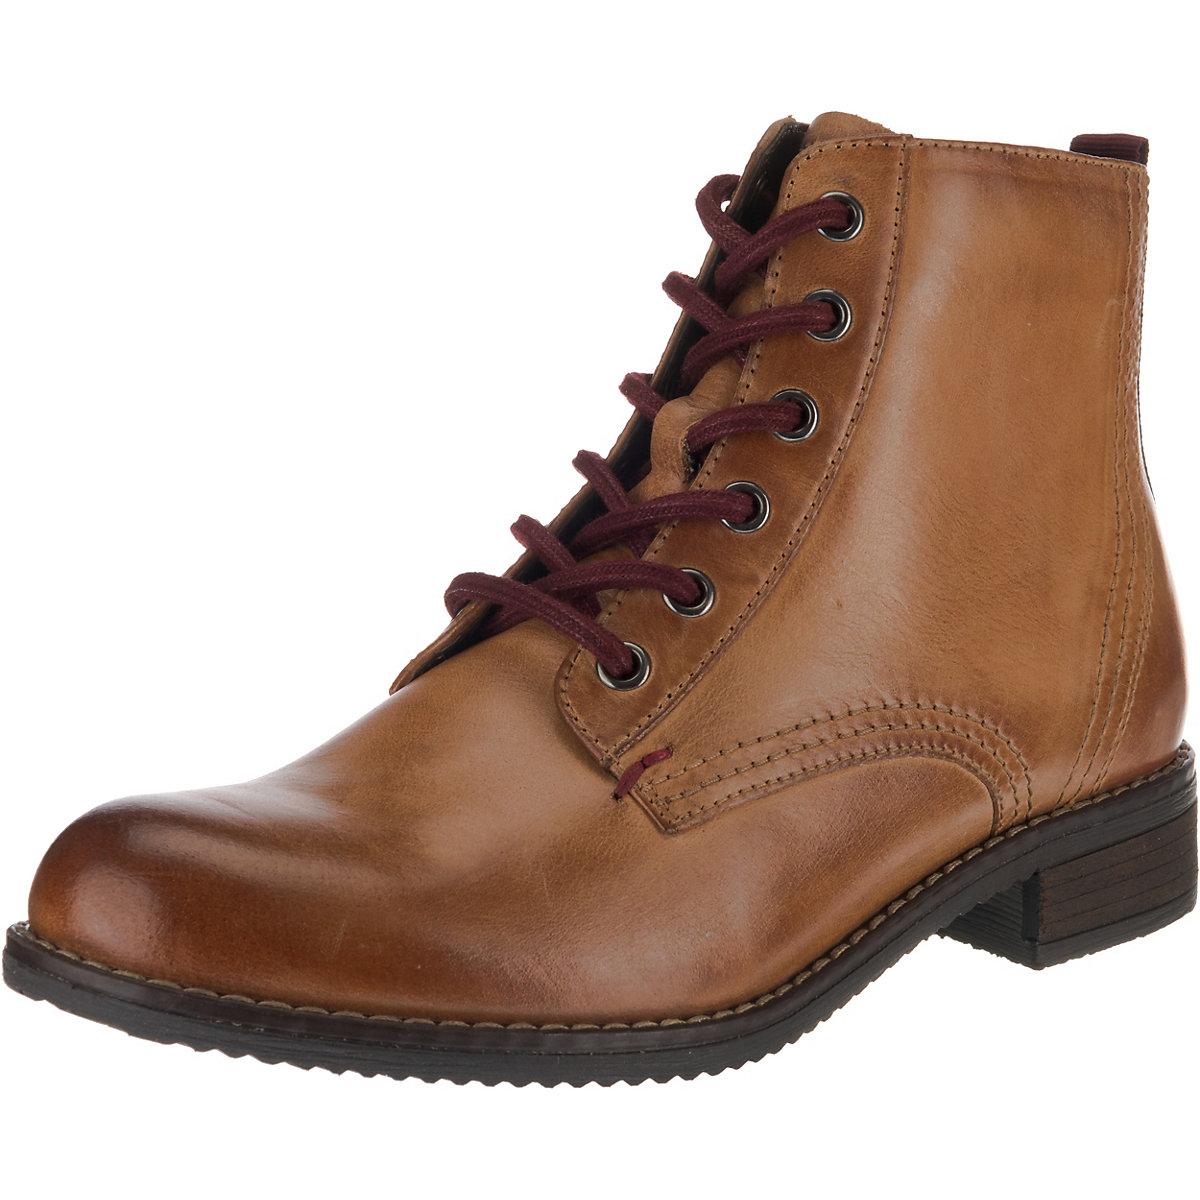 Klondike, Schnürstiefeletten, cognac  Gute Qualität beliebte Schuhe